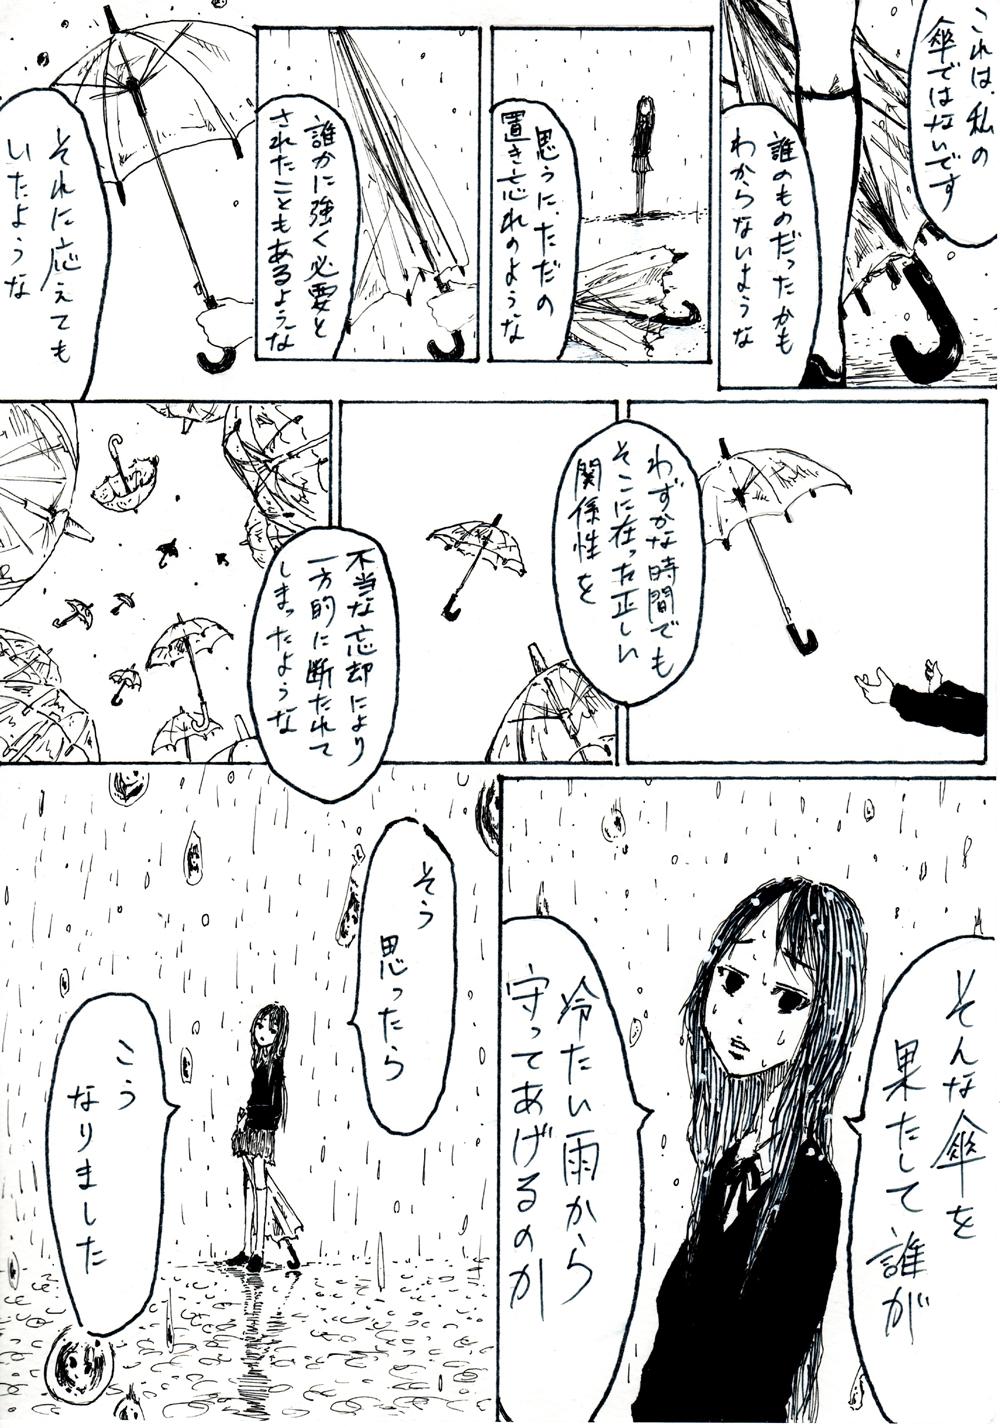 shinoda-004-3